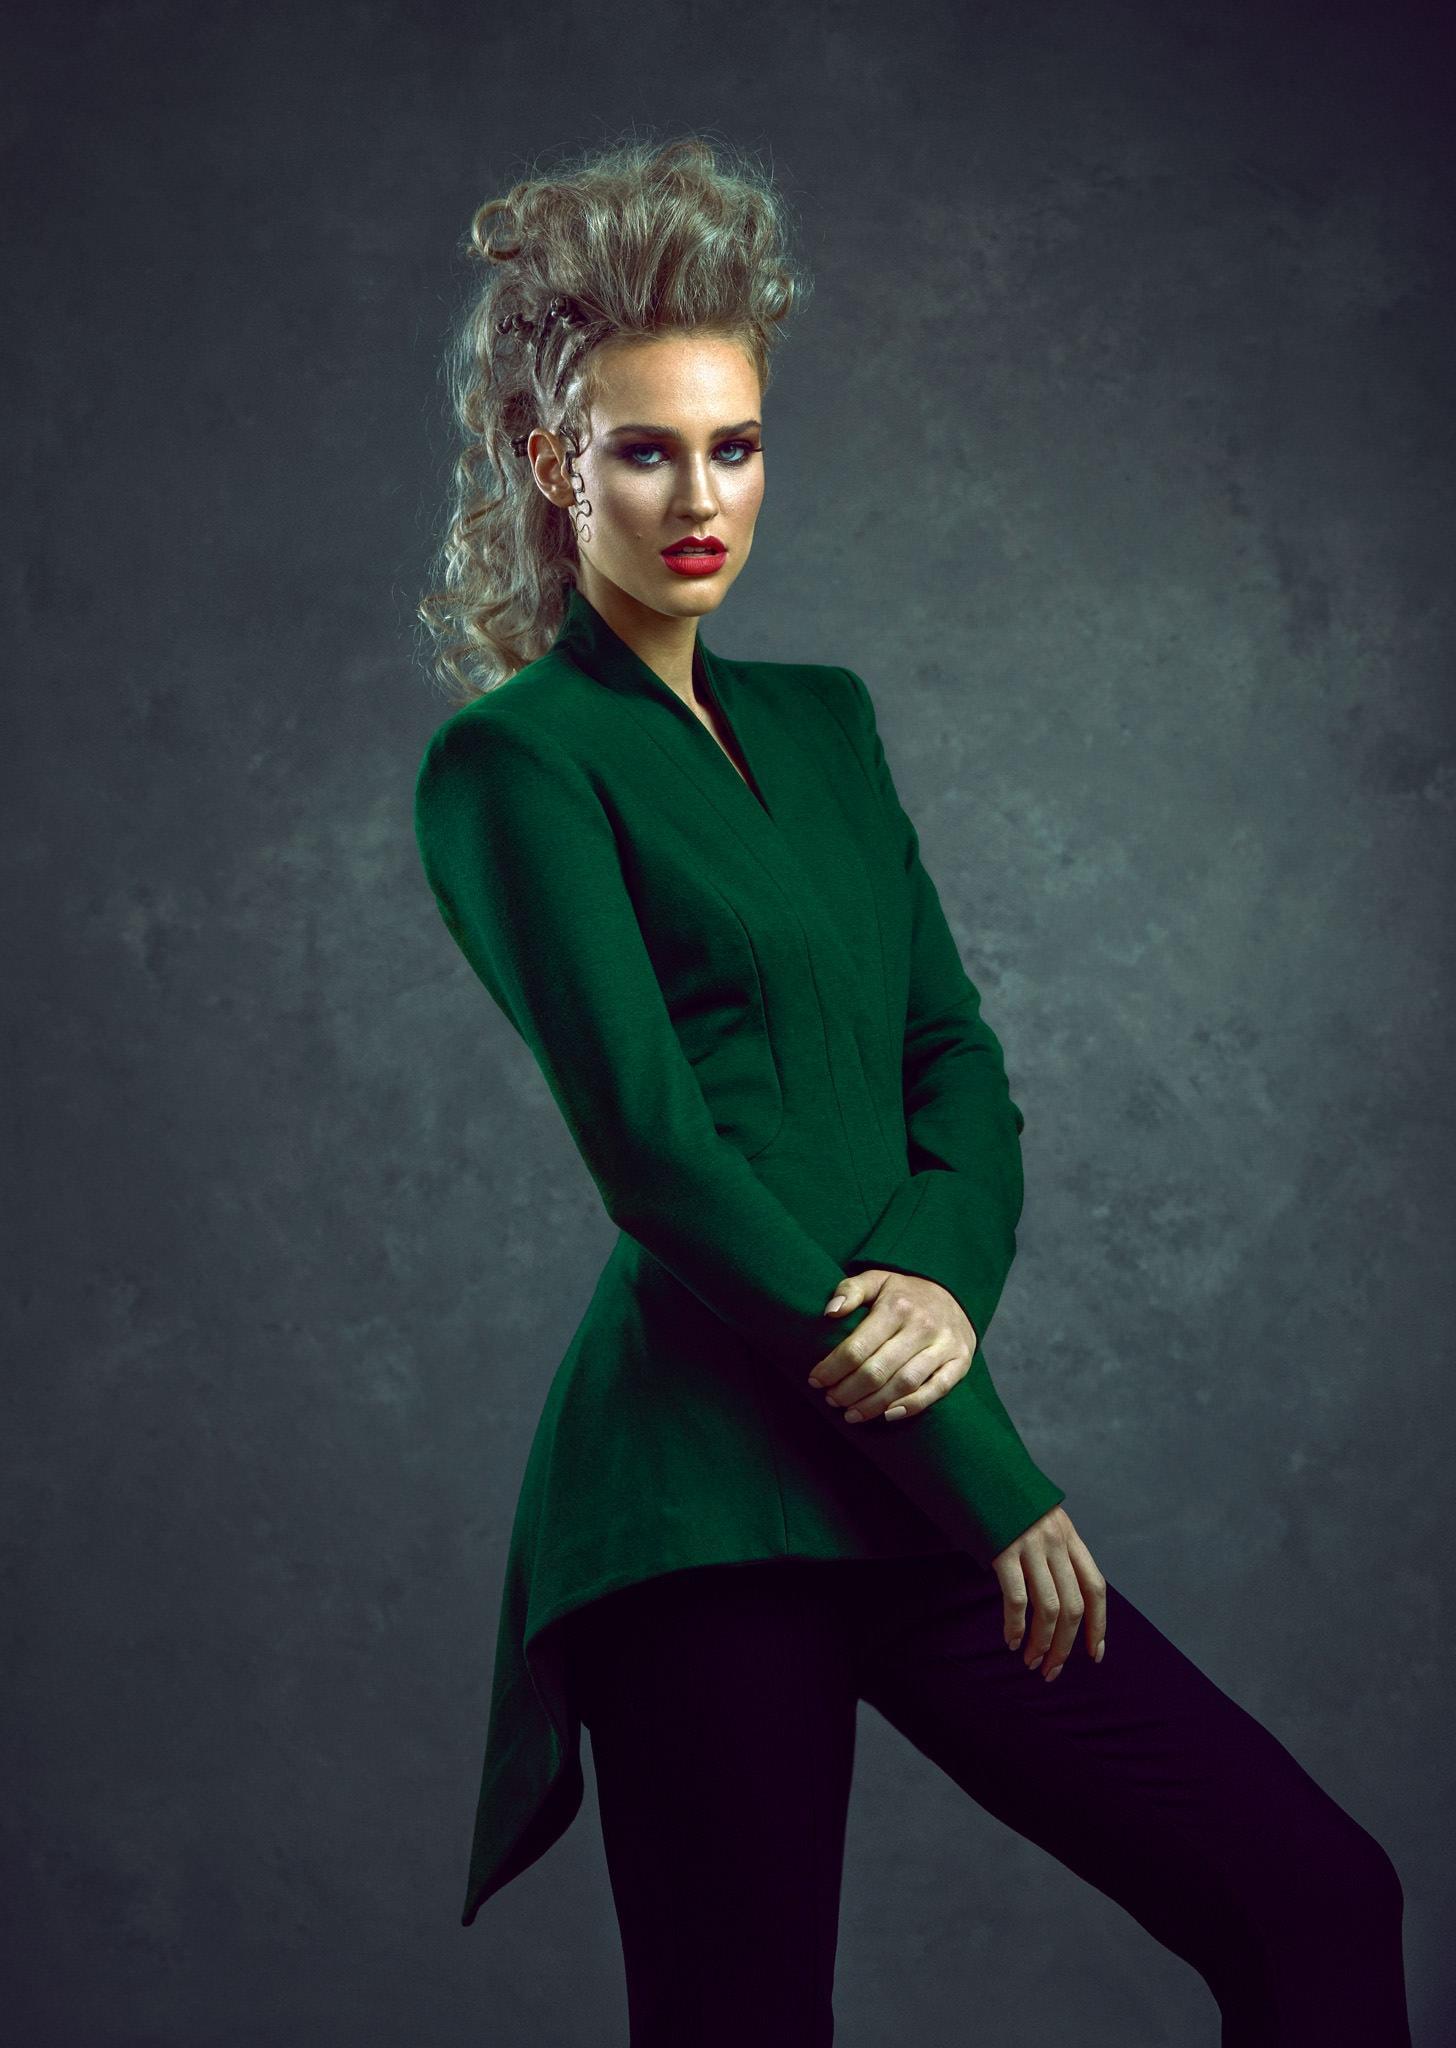 Women dress in green jacket